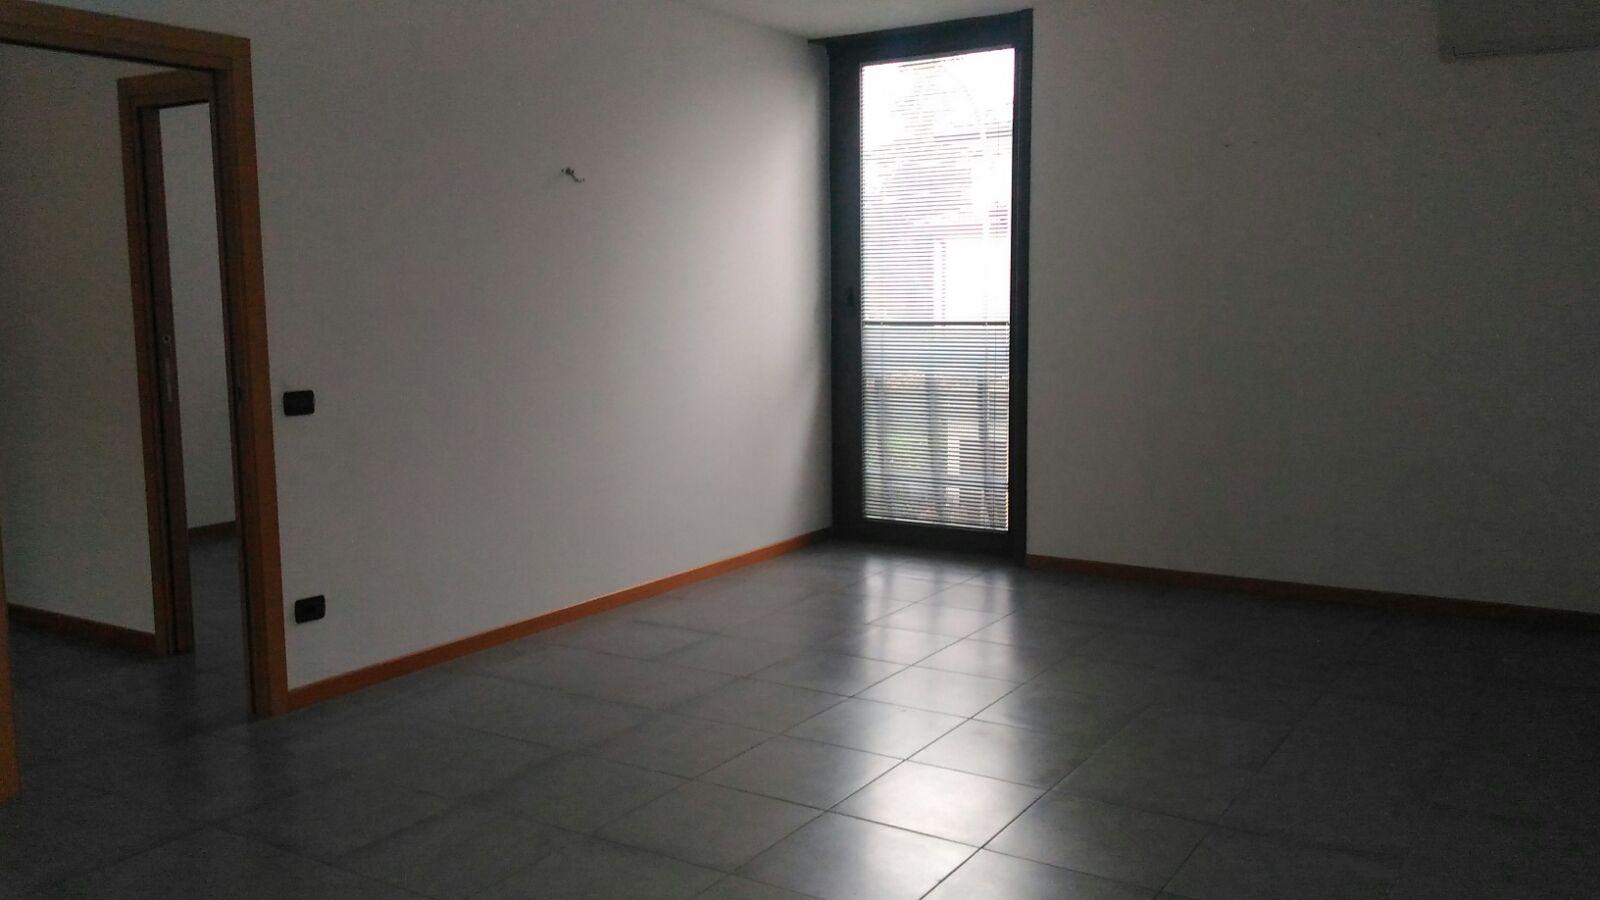 Ufficio / Studio in affitto a Preganziol, 9999 locali, zona Zona: Frescada, prezzo € 1.800 | CambioCasa.it